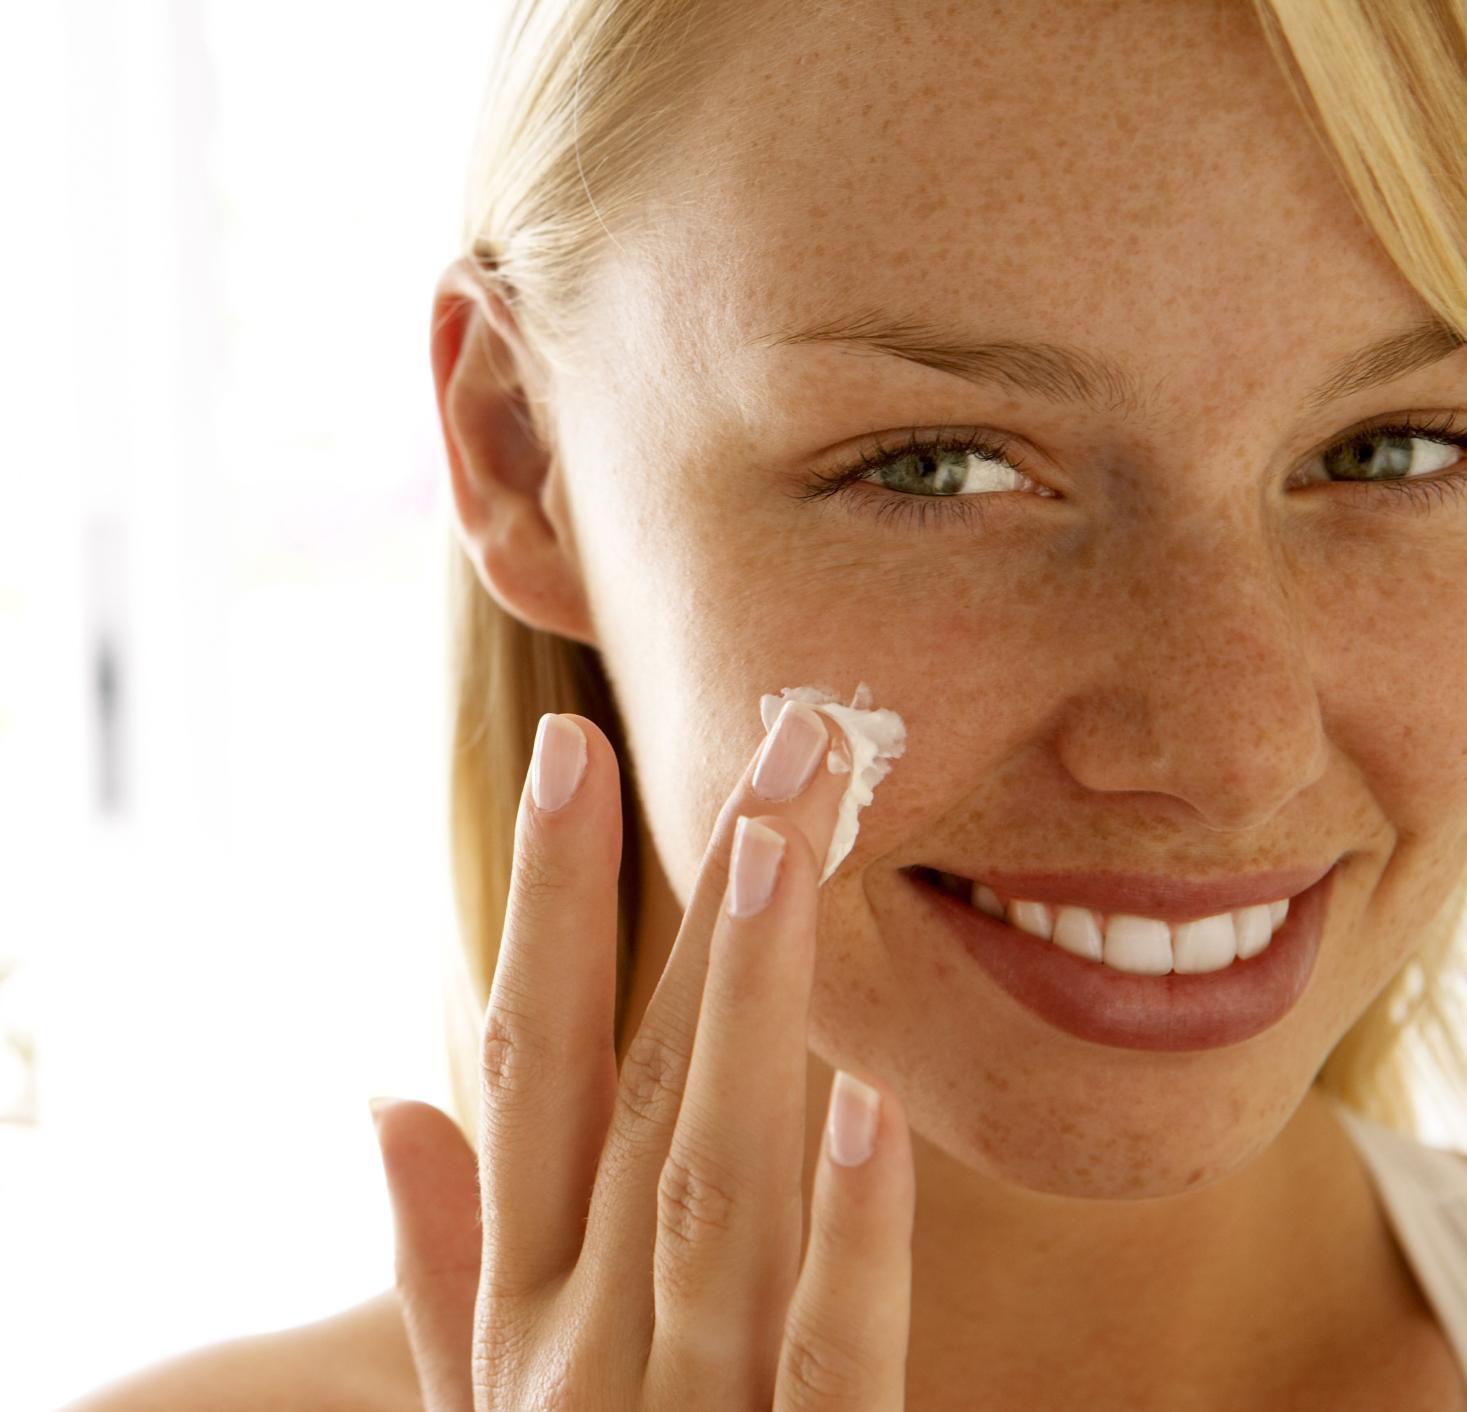 Kako koristiti kreme za zrelu kožu?